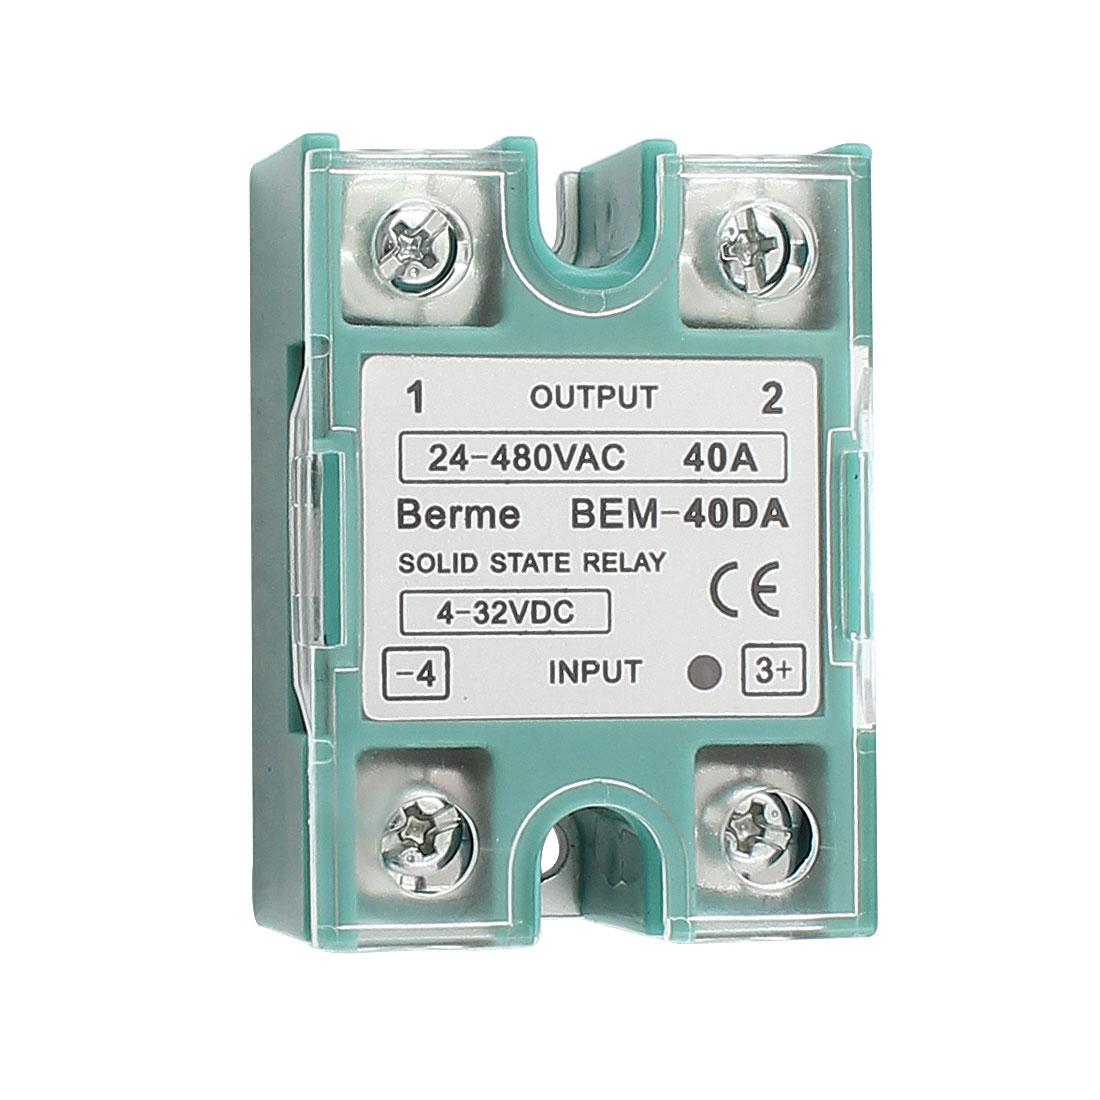 Solid State Relay Module BEM 40DA DC-AC 10A 4-32VDC/24-480VAC